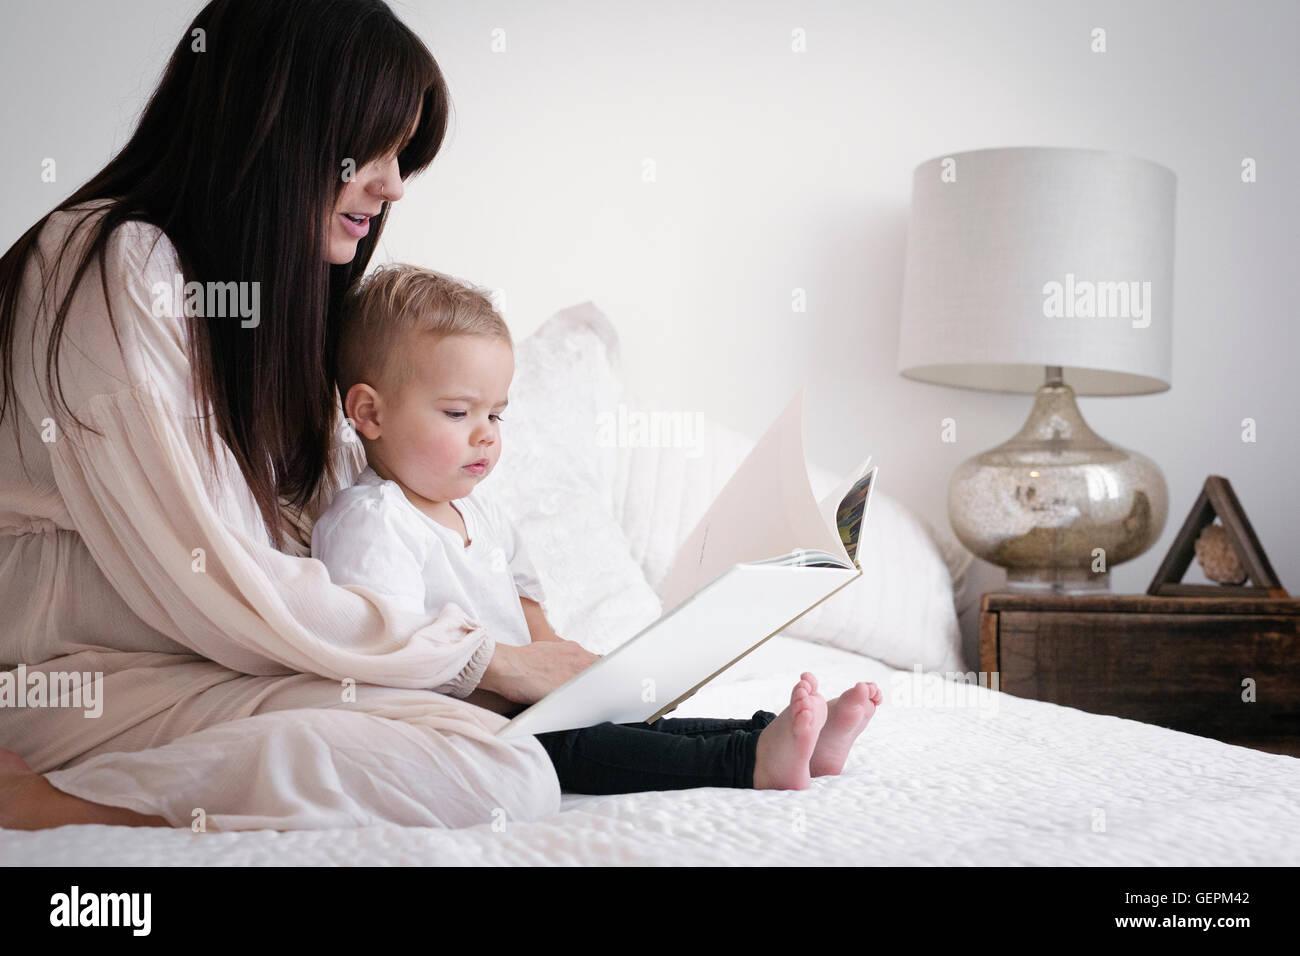 Una mujer embarazada fuertemente jugando con su pequeño hijo. Sentado en una cama, la lectura de un cuento. Foto de stock